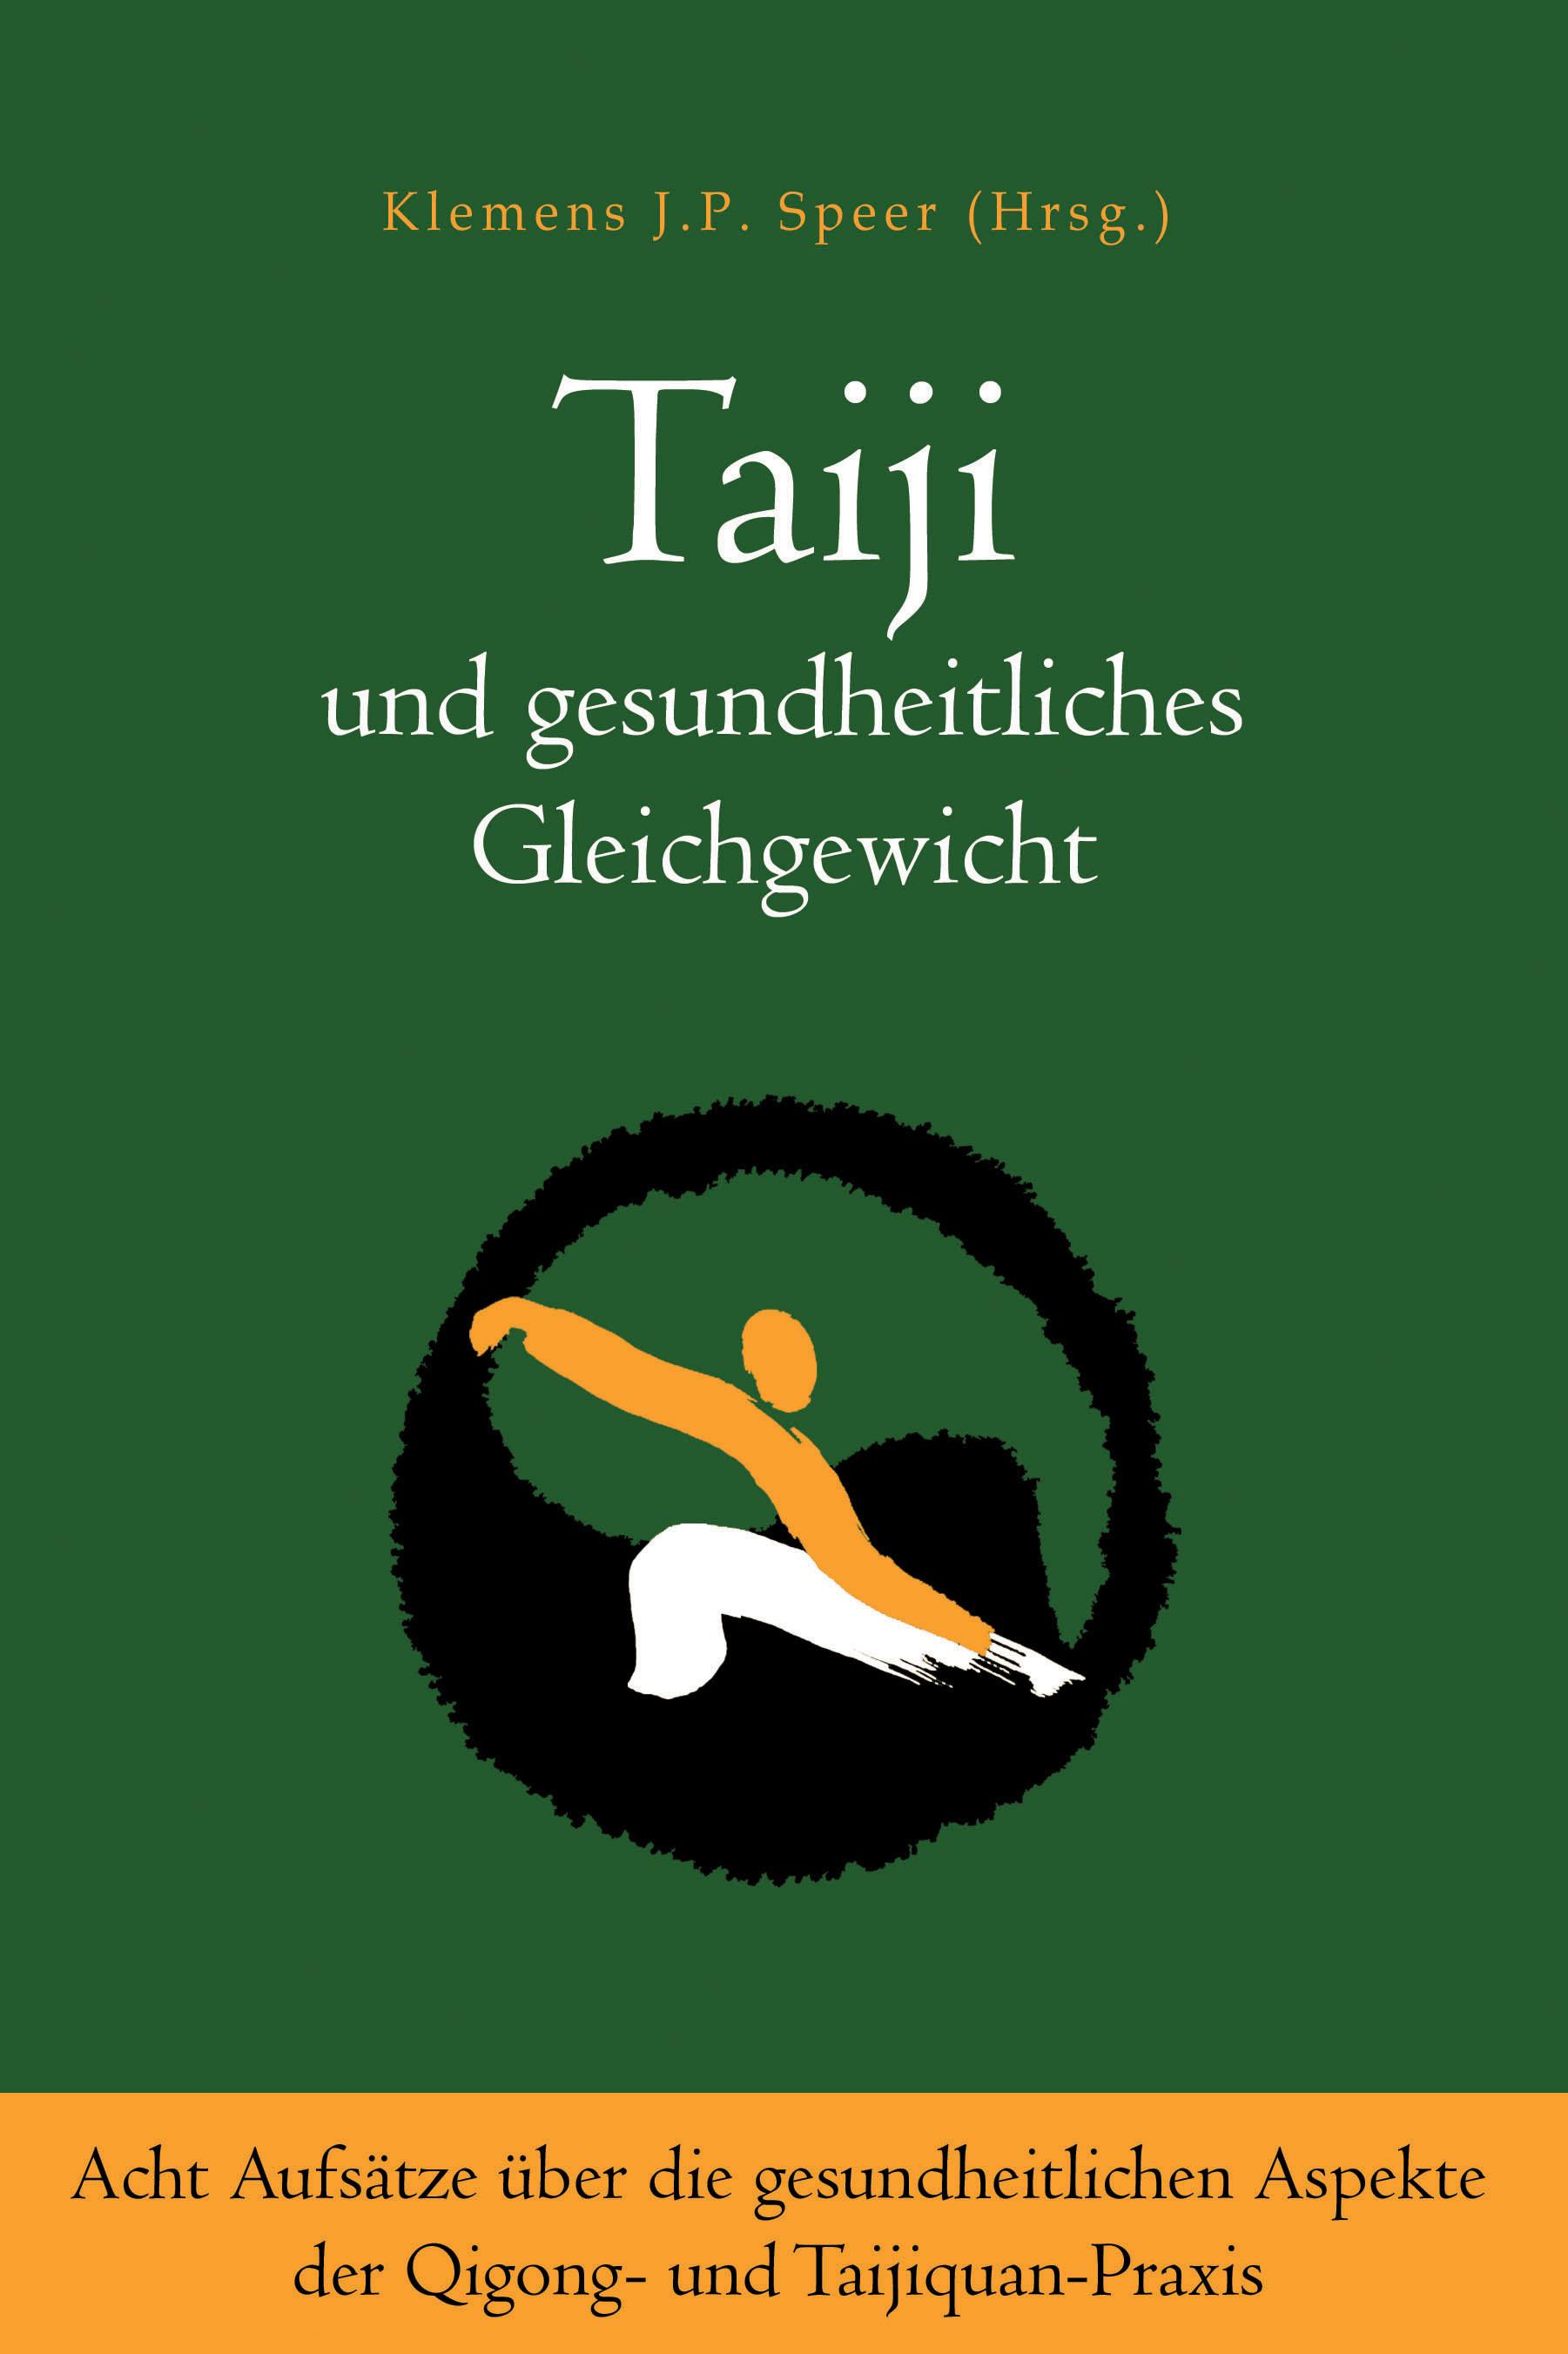 Taiji und gesundheitliches Gleichgewicht: Acht Aufsätze über die gesundheitlichen Aspekte der Qigong